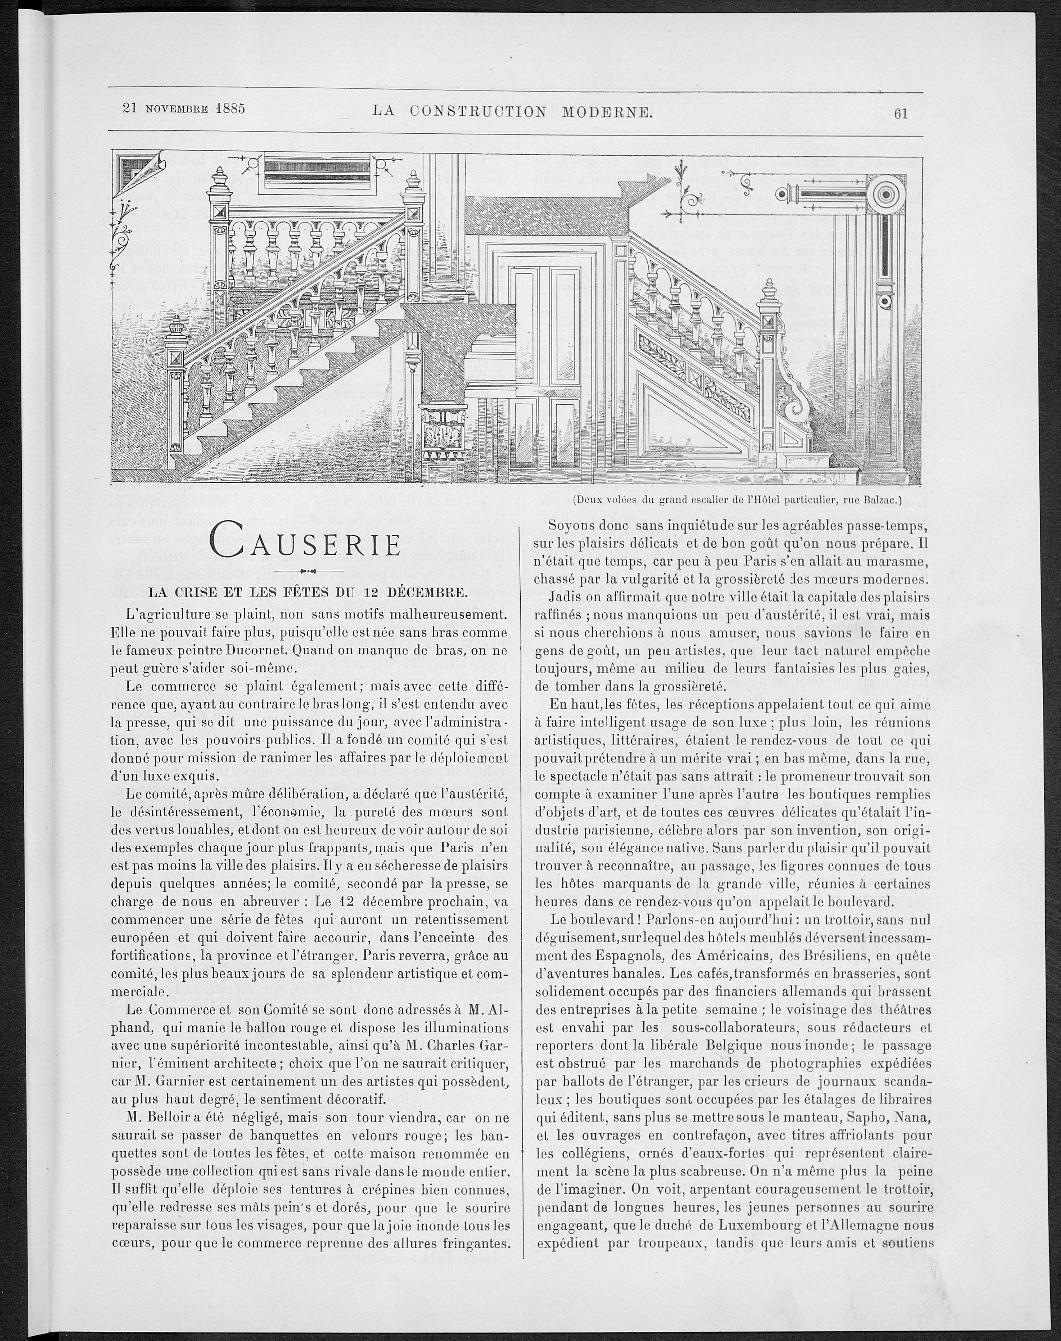 La Construction moderne, no. 6, 1885 |